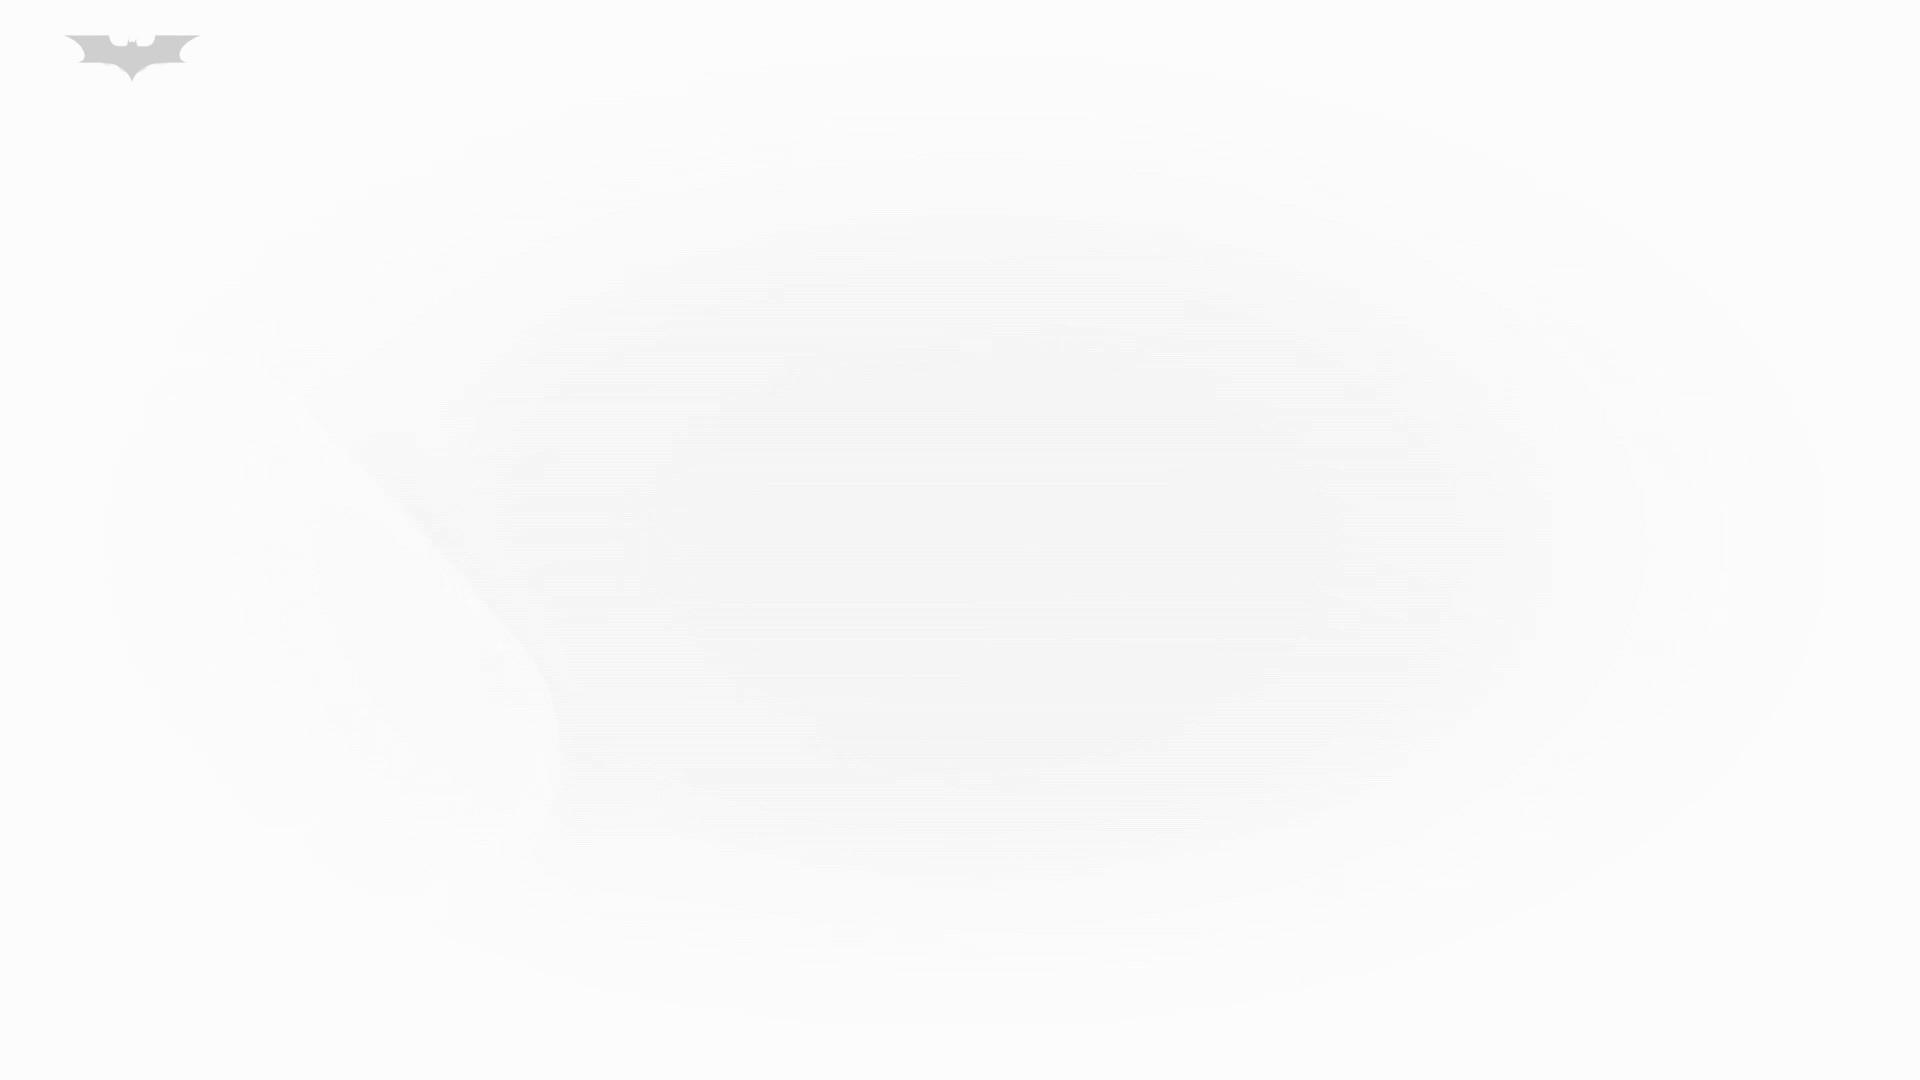 無修正ヌード|第三体育館潜入撮File022 進化3【2015・19位】|怪盗ジョーカー